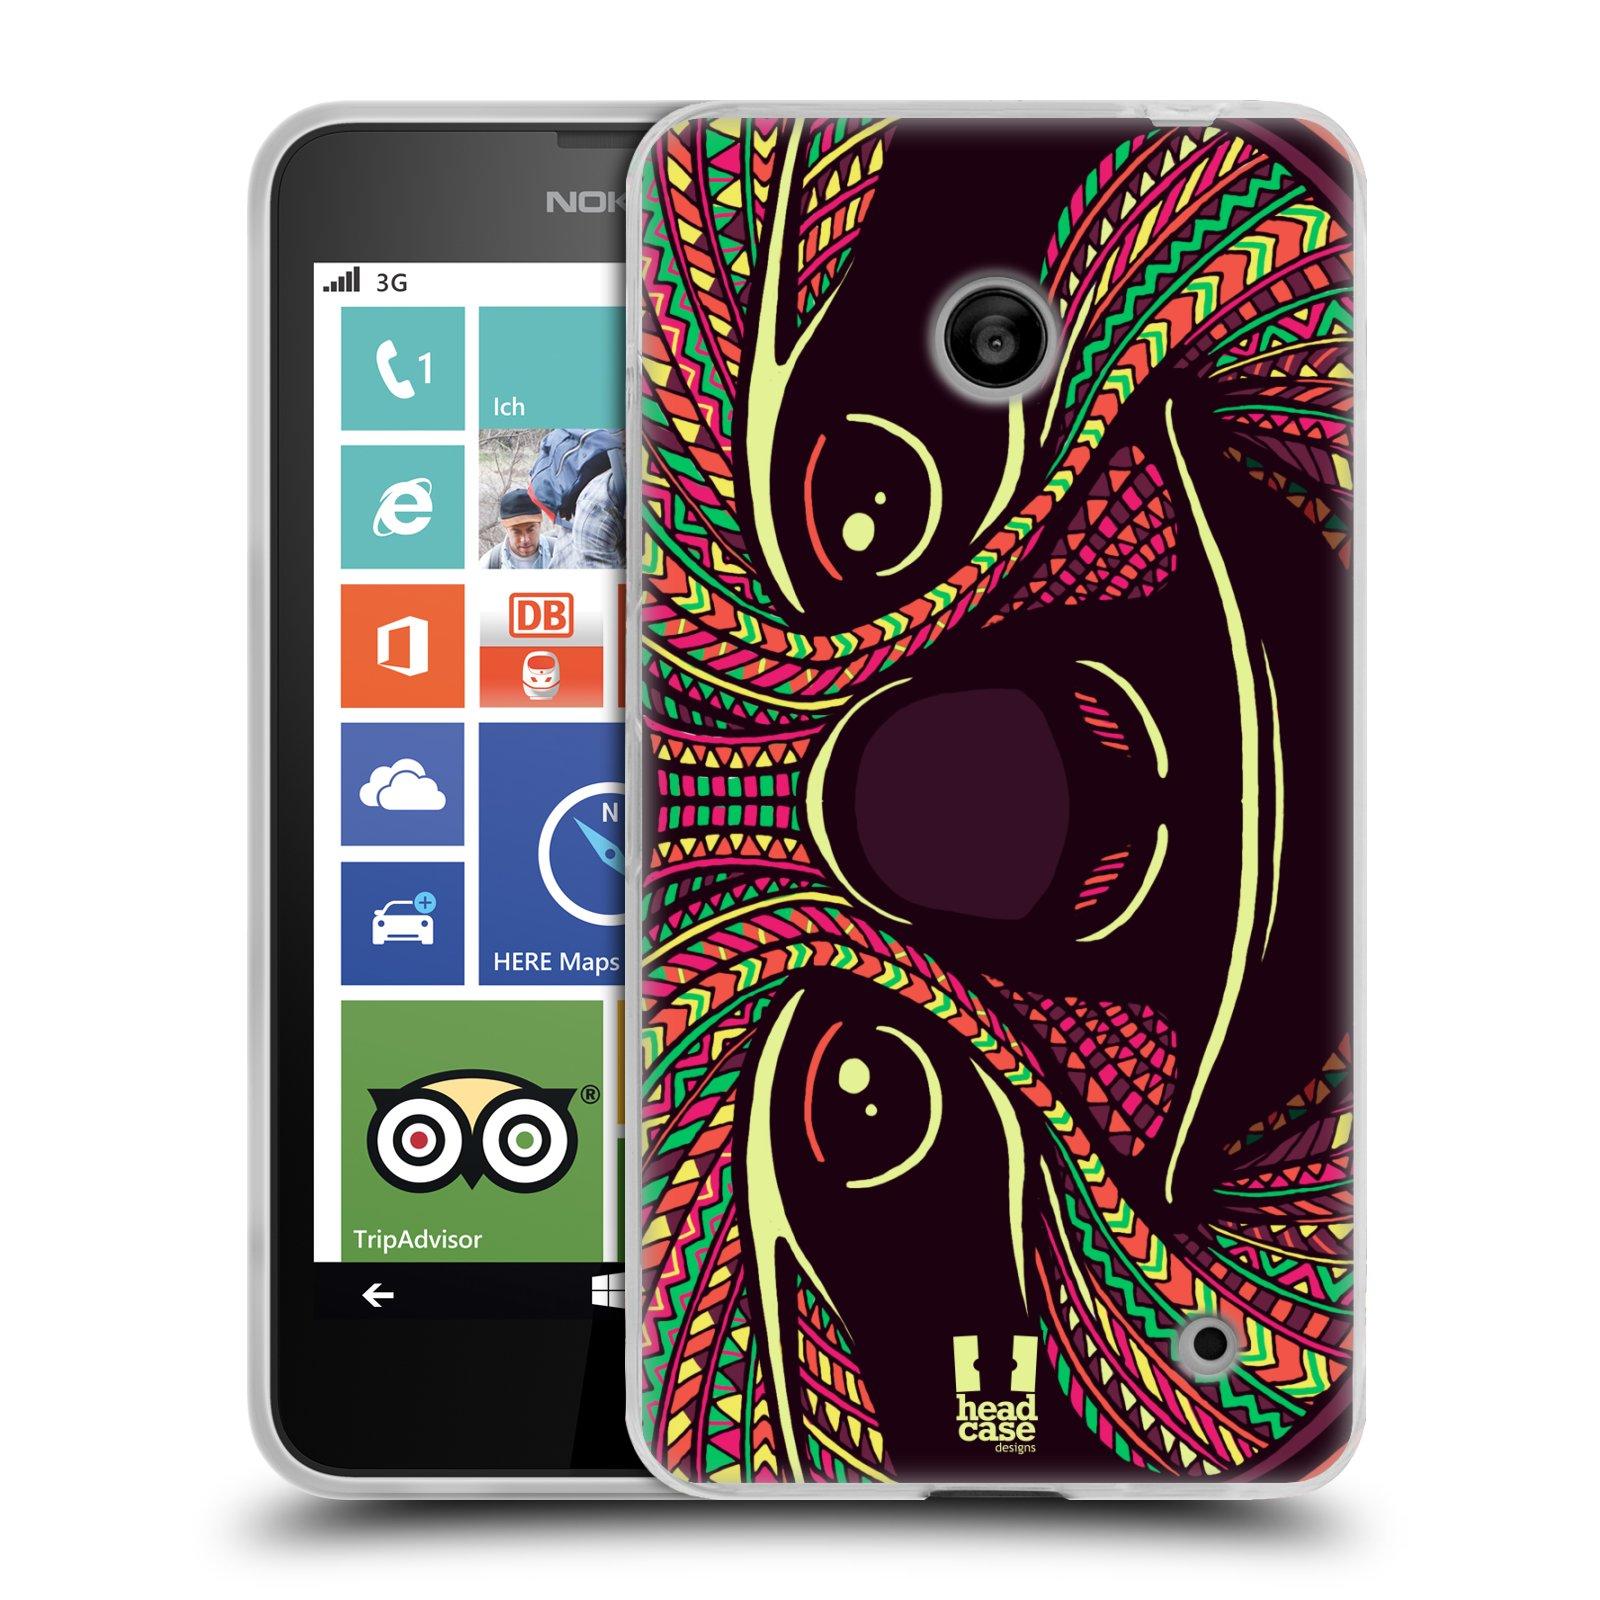 Silikonové pouzdro na mobil Nokia Lumia 630 HEAD CASE AZTEC LENOCHOD (Silikonový kryt či obal na mobilní telefon Nokia Lumia 630 a Nokia Lumia 630 Dual SIM)